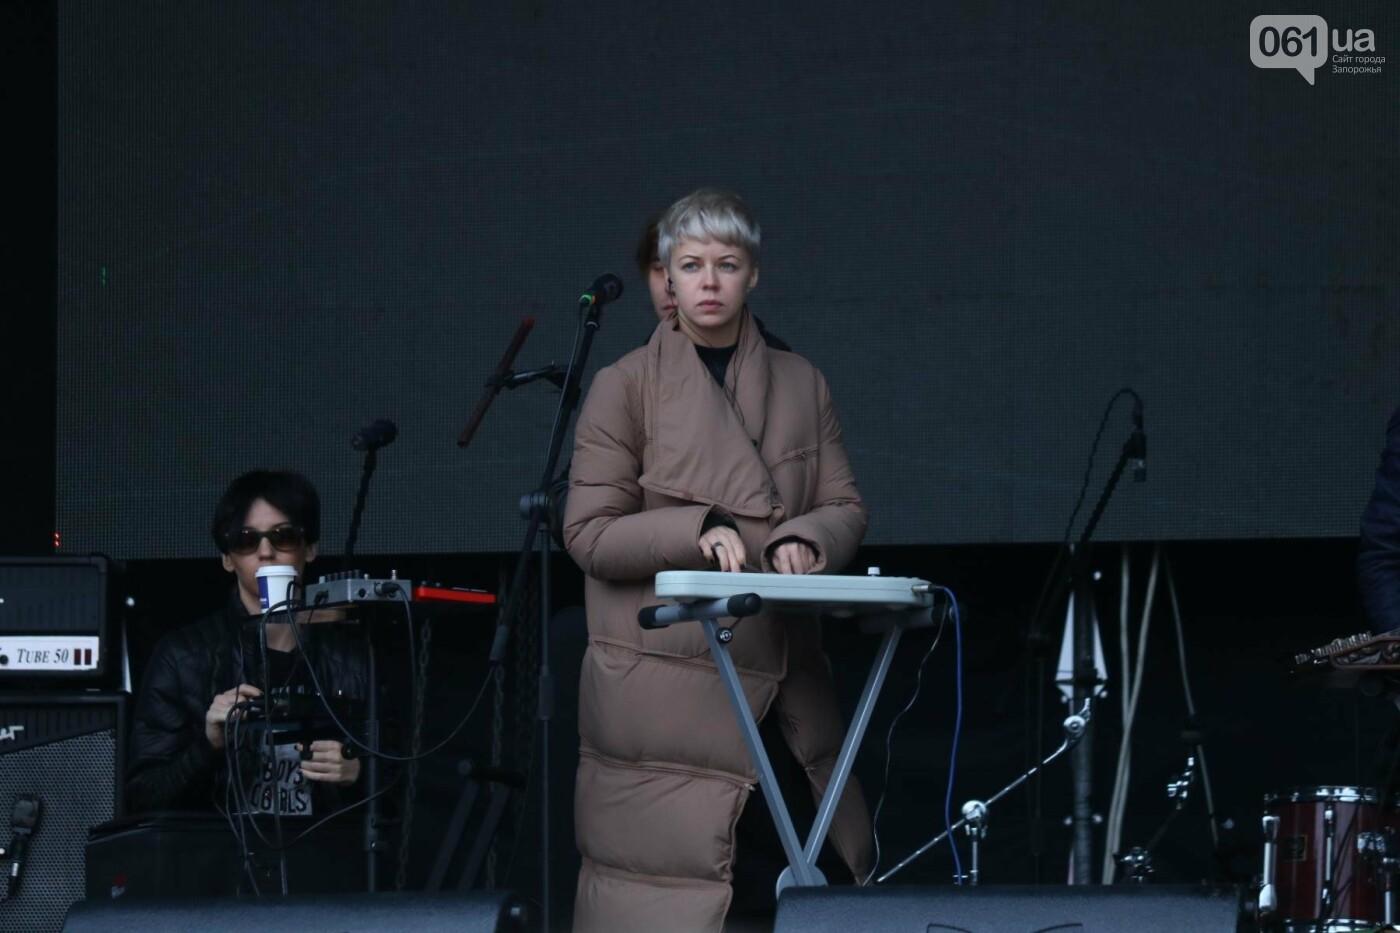 В парке Трудовой славы Onuka провела саундчек перед вечерним концертом, - ФОТО , фото-4